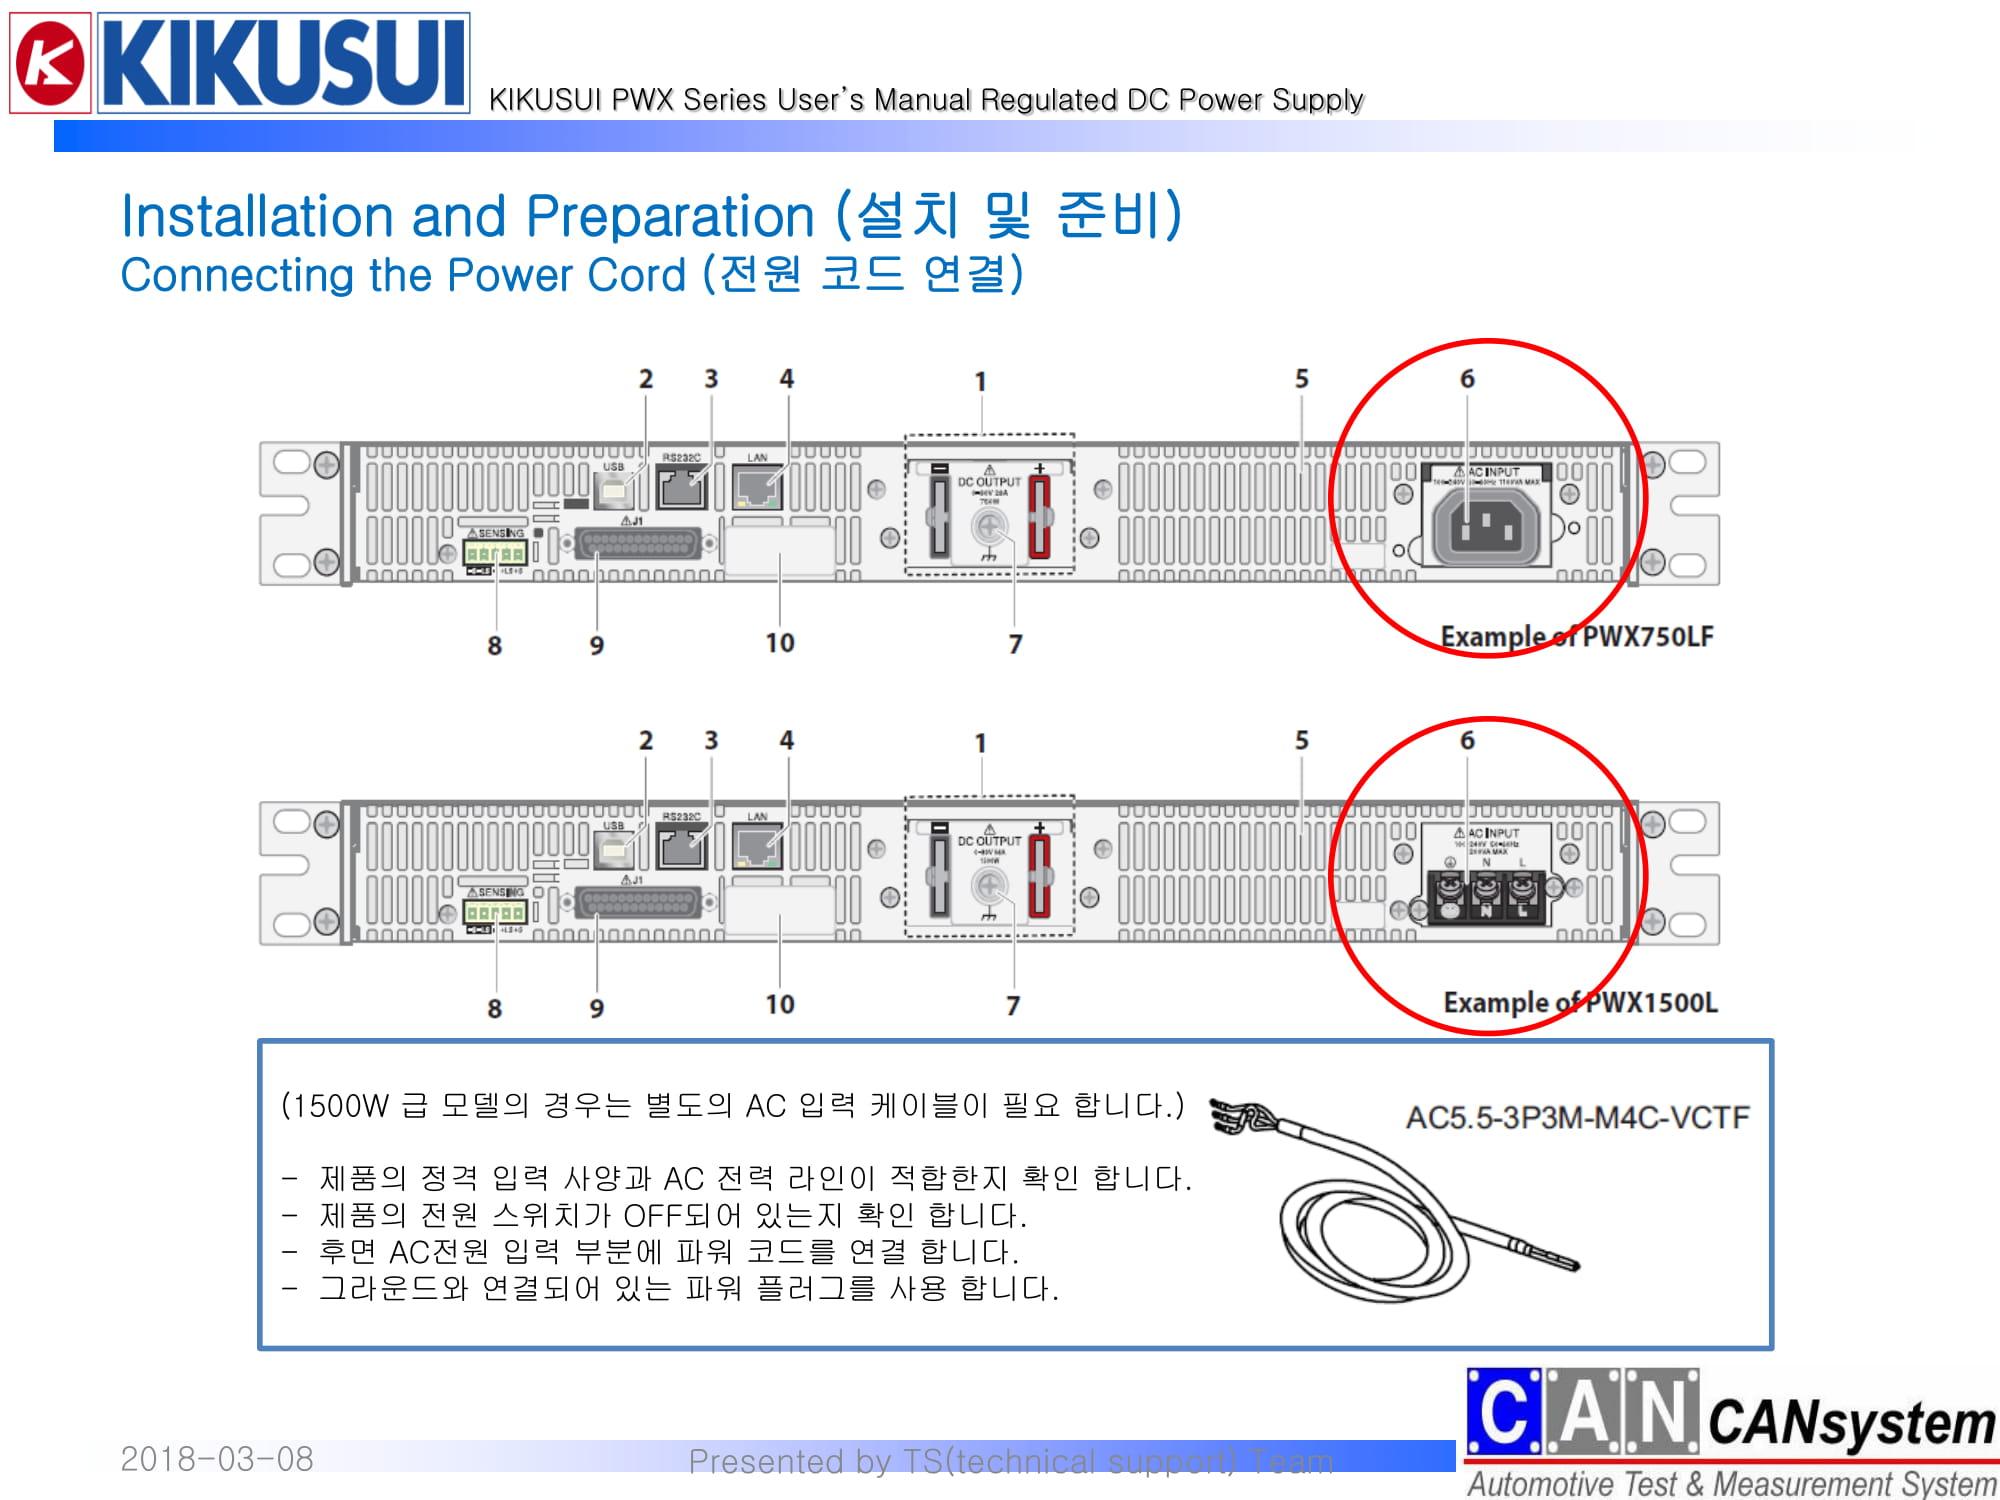 KIKUSUI PWX1500L 사용 가이드-13.jpg